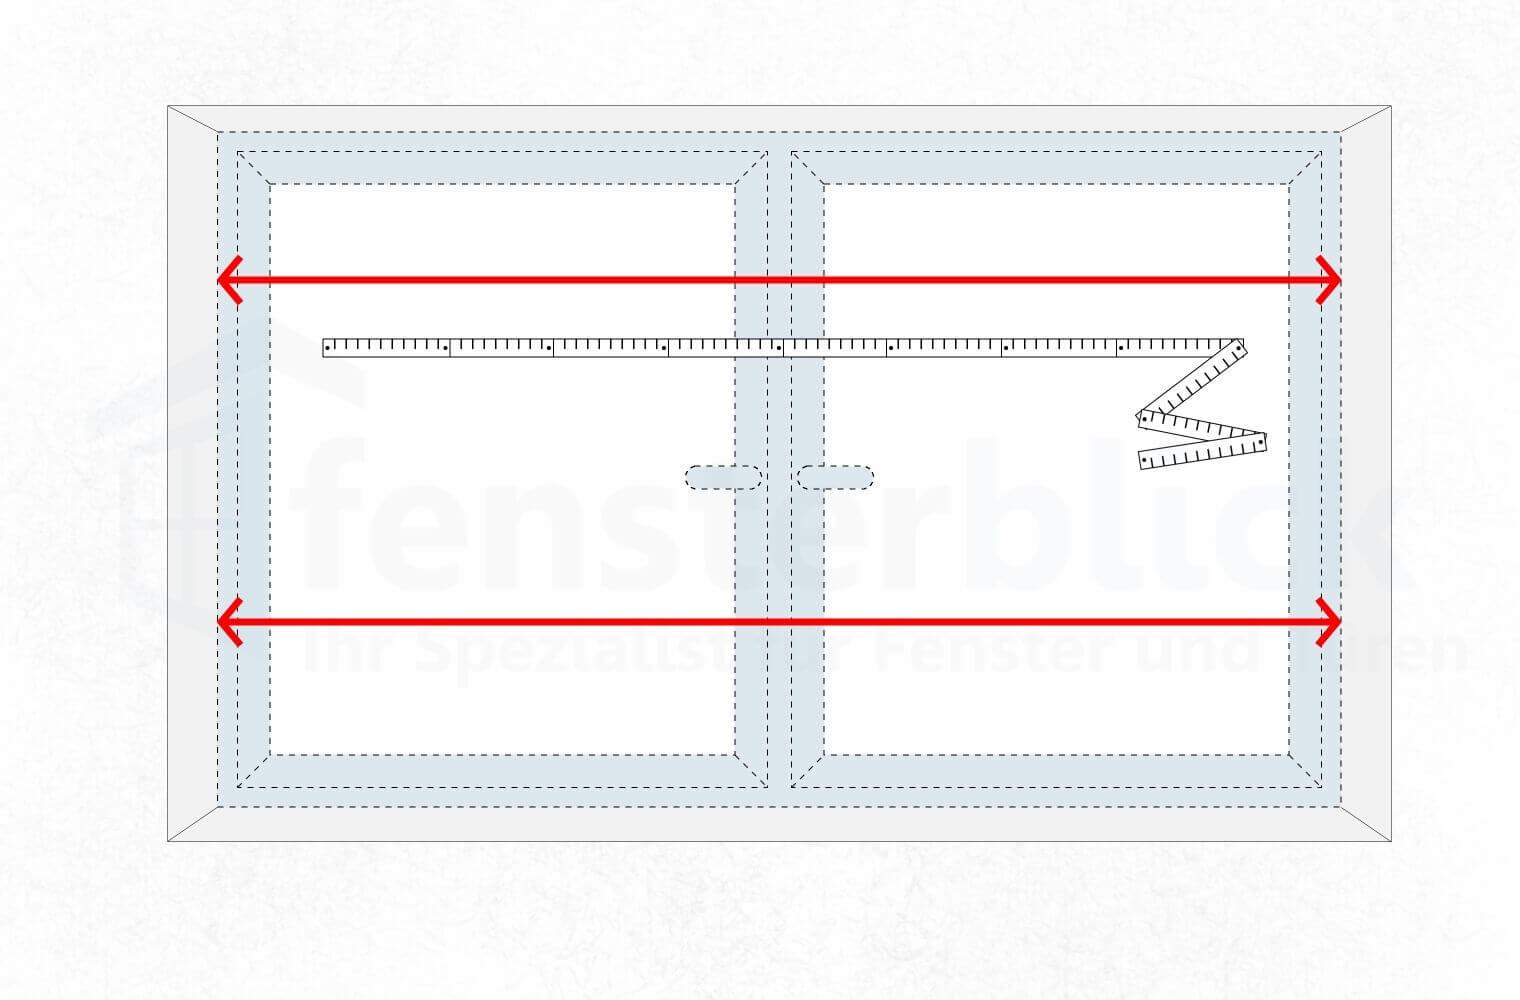 Turbo Fenster ausmessen - Wie nehme ich das Aufmaß beim Fenster RX82